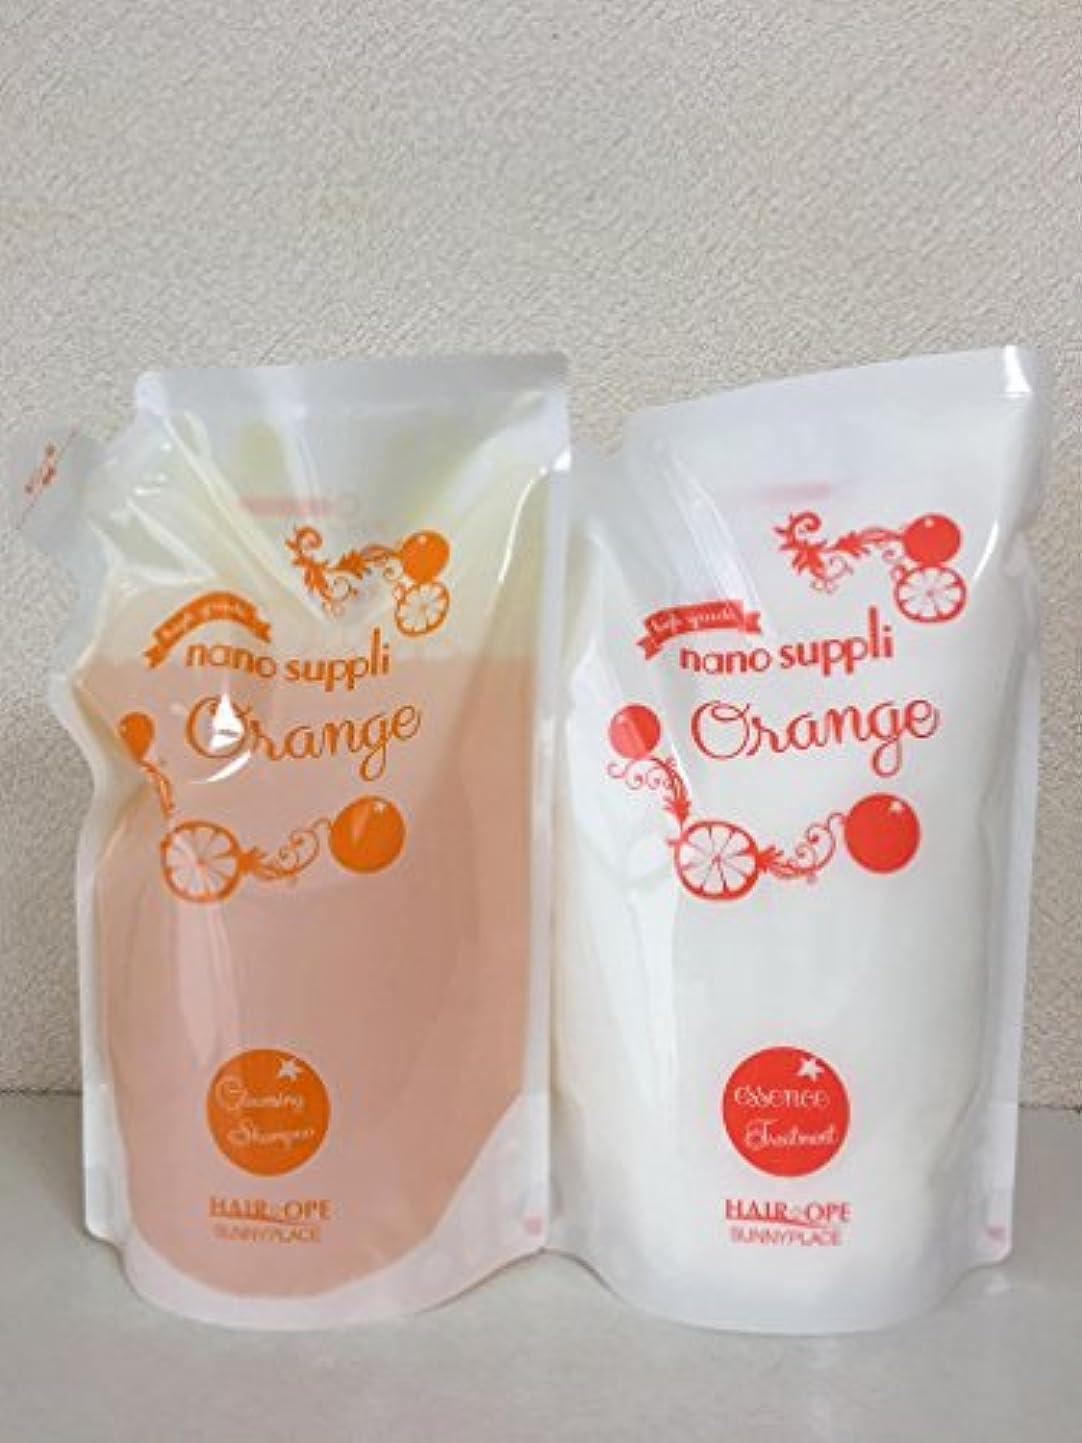 サニープレイス ナノサプリ クレンジングシャンプー&コンディショナー オレンジ 800ml詰替えセット